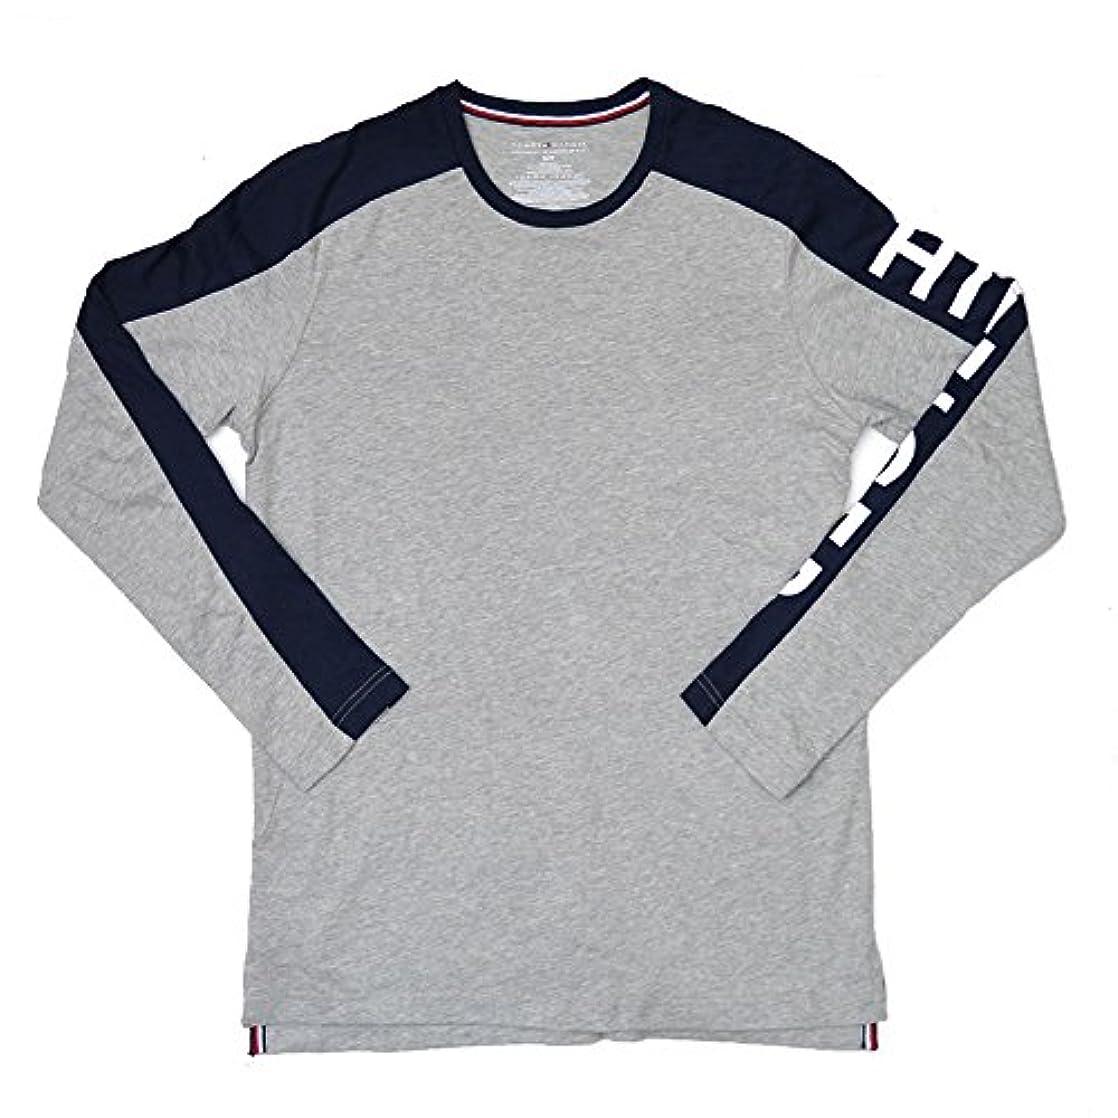 遠えごめんなさい笑(TOMMY HILFIGER) トミーヒルフィガー ロゴ ラグラン ロングTシャツ 09T3285 長袖 トップス プリント メンズ ロンT ラグランTシャツ [並行輸入品]